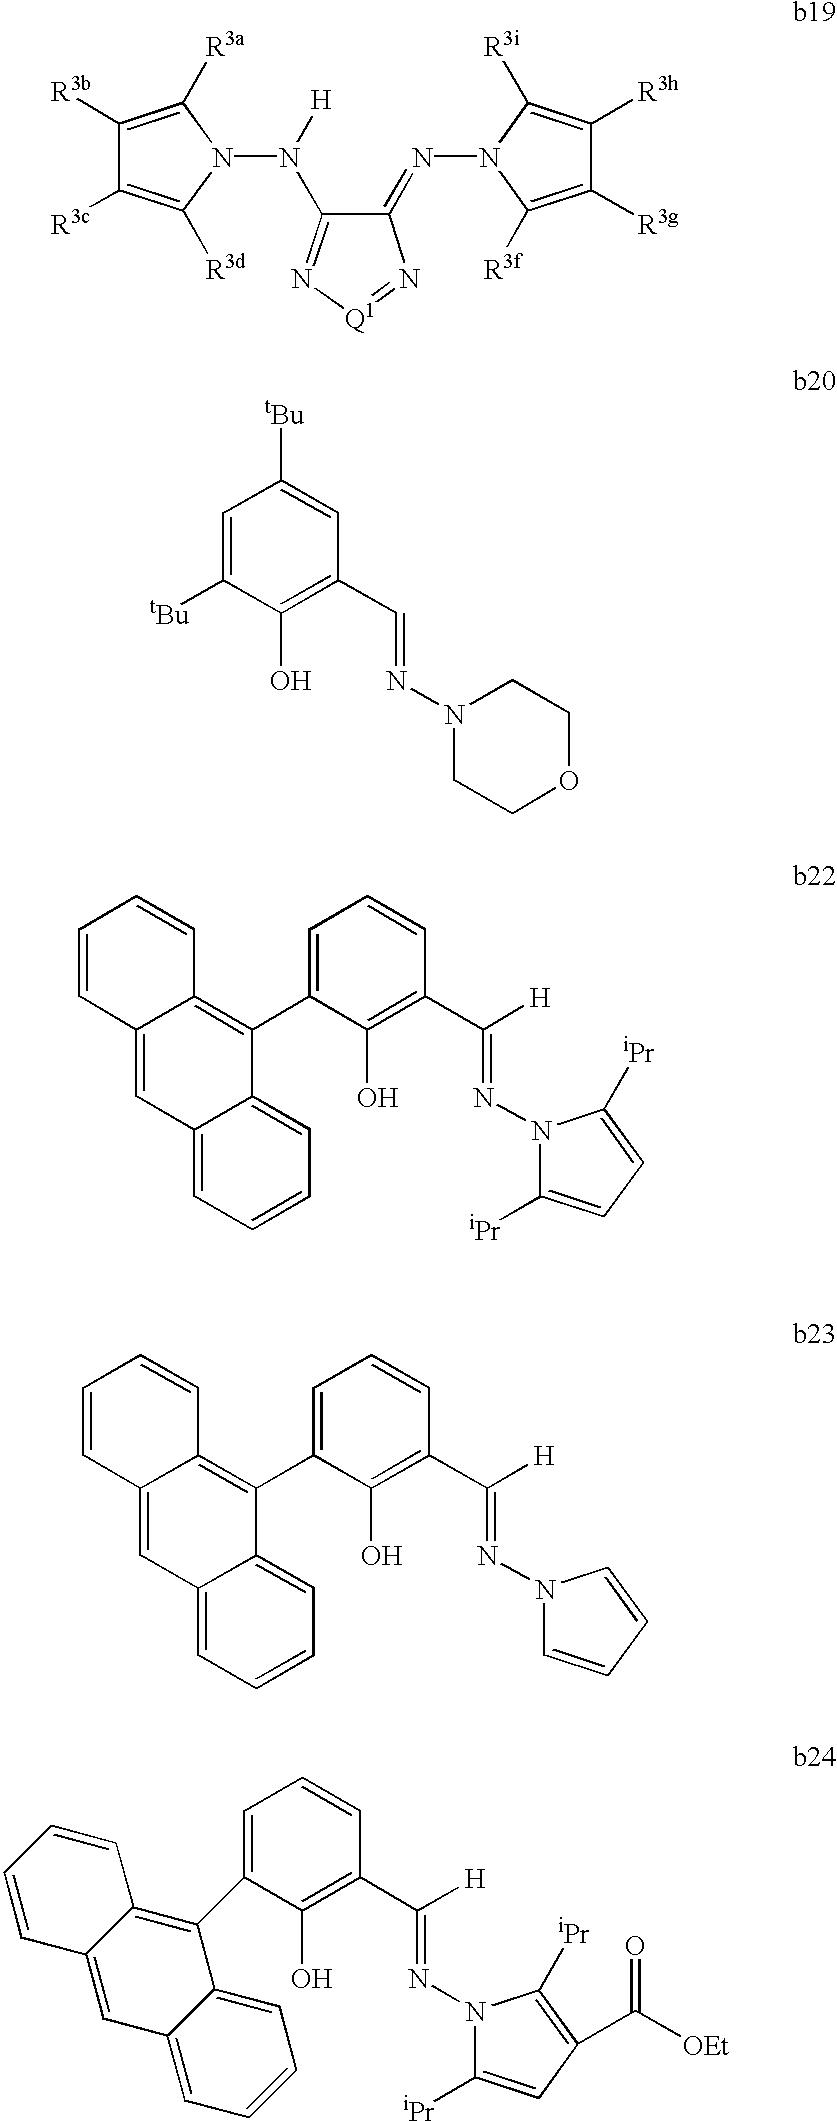 Figure US06545108-20030408-C00026